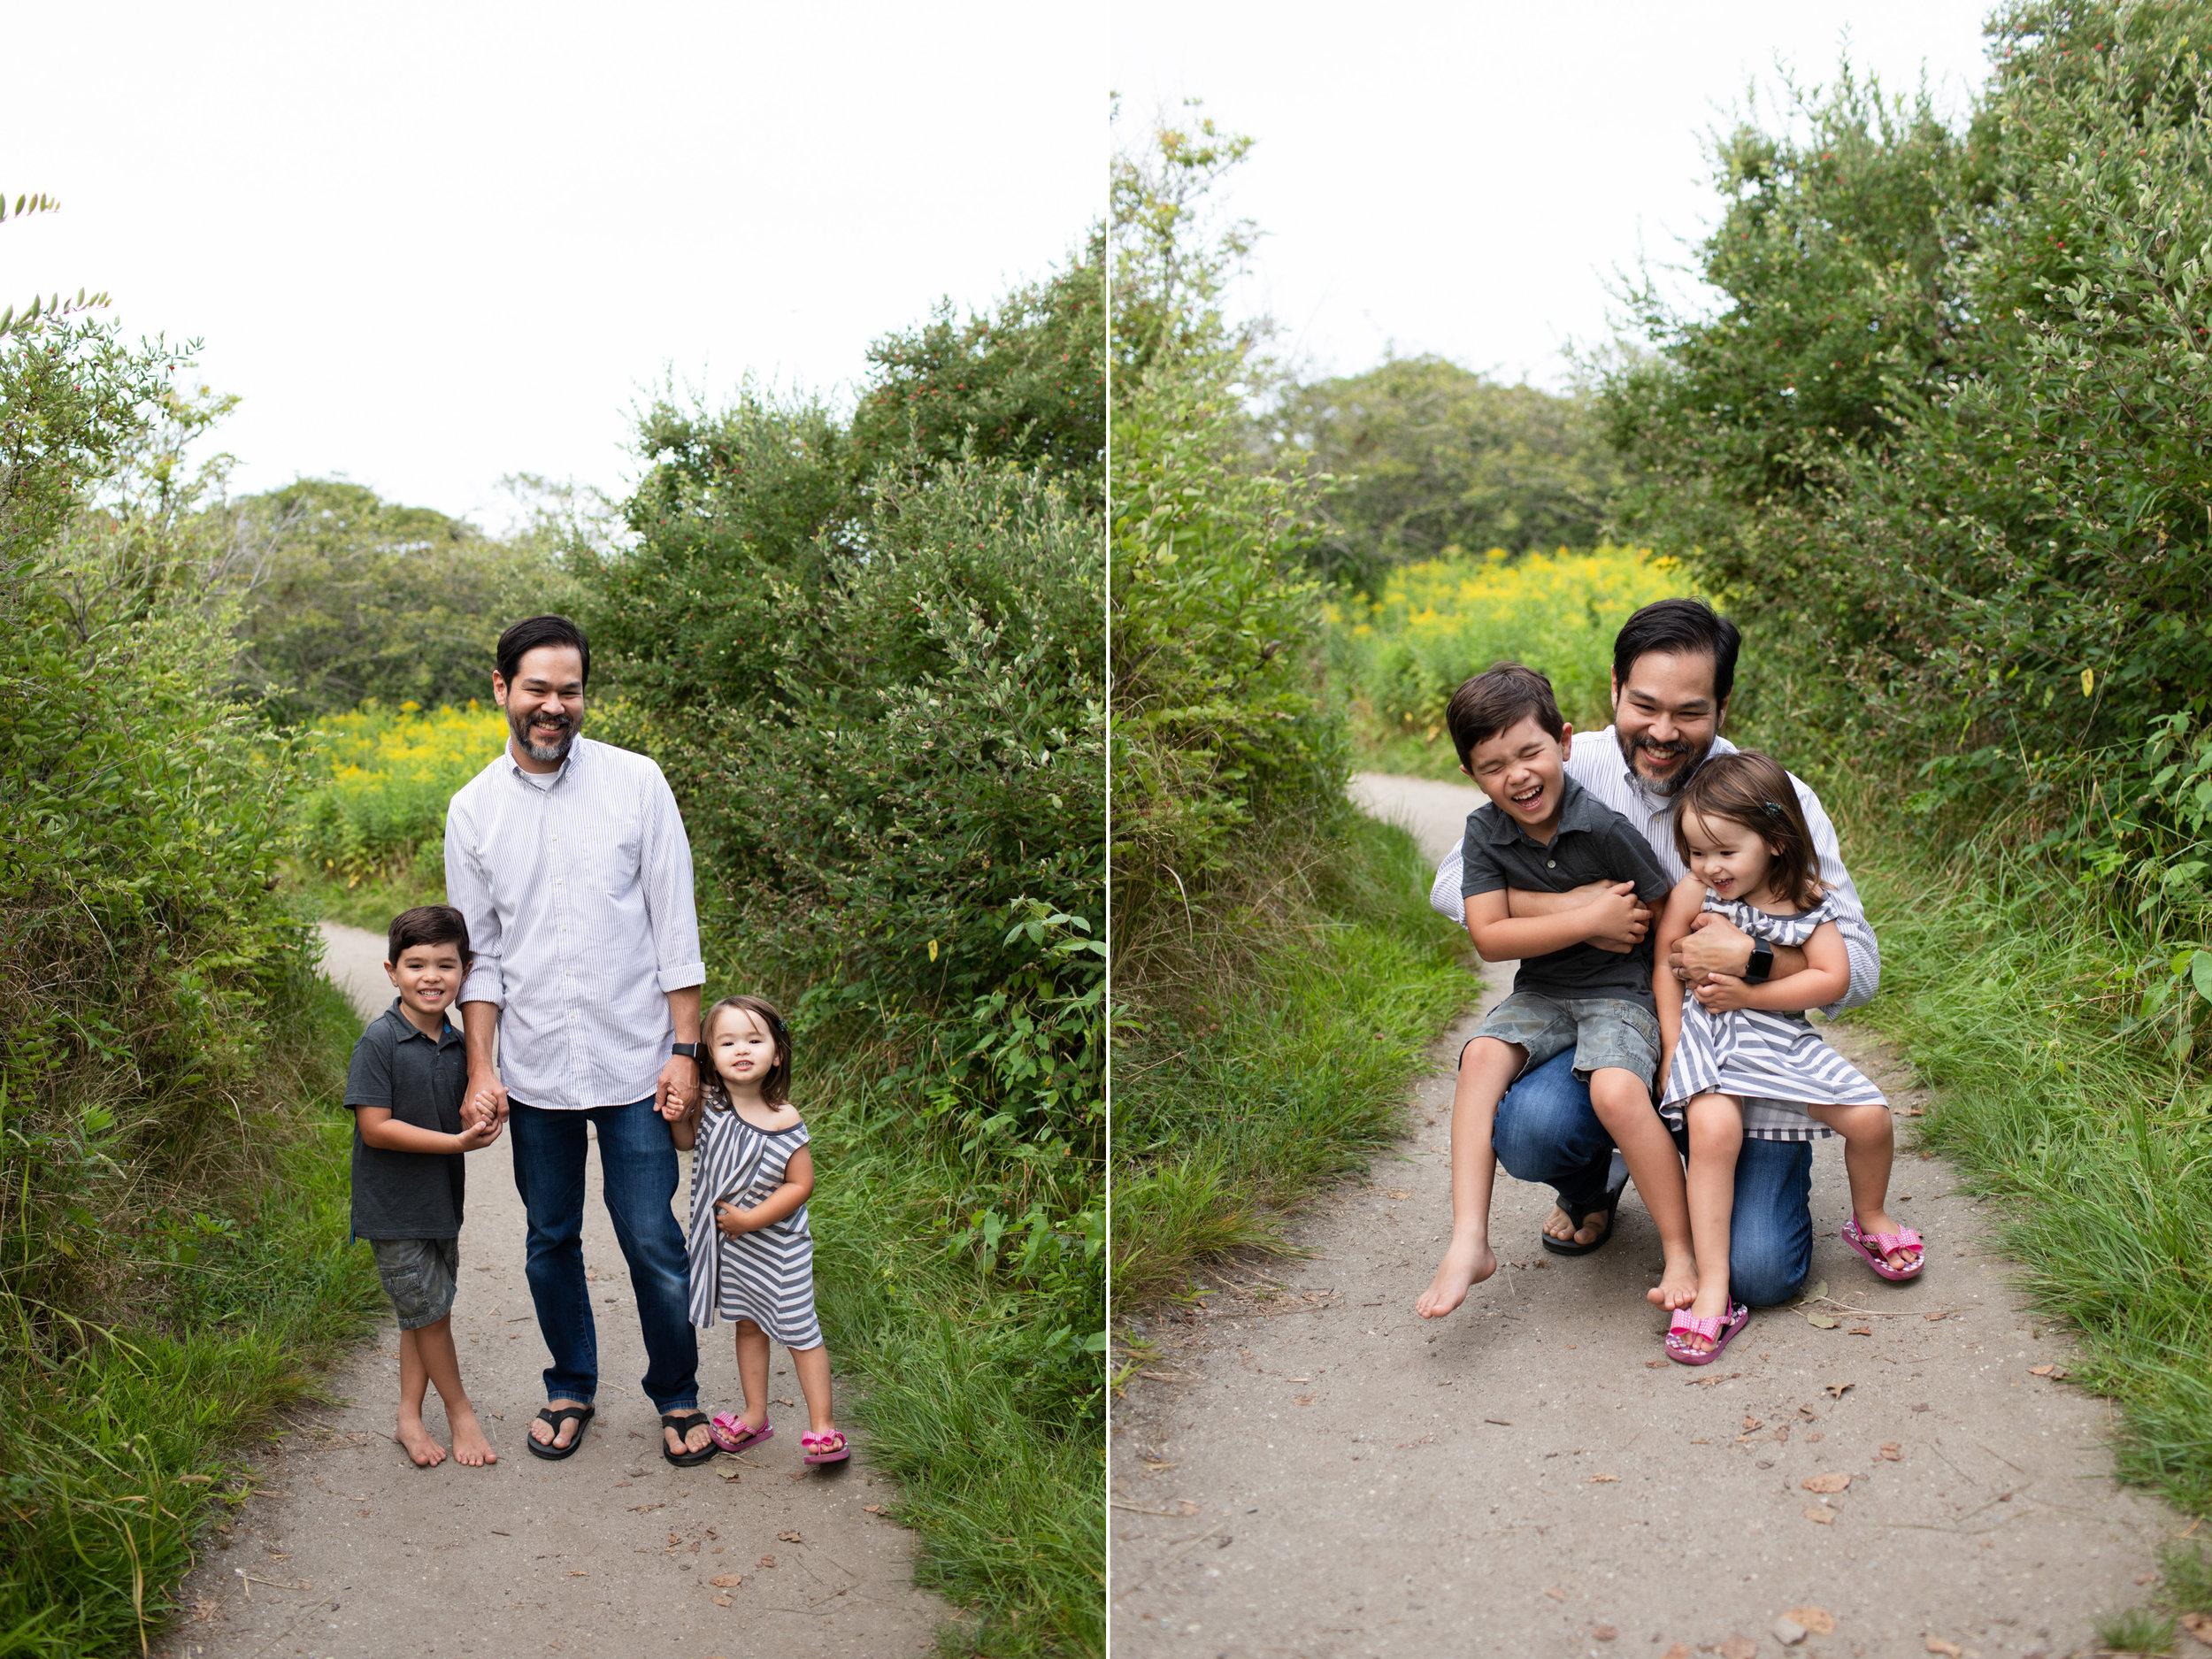 maine-family-photographer-beach-lifestyle -97.jpg